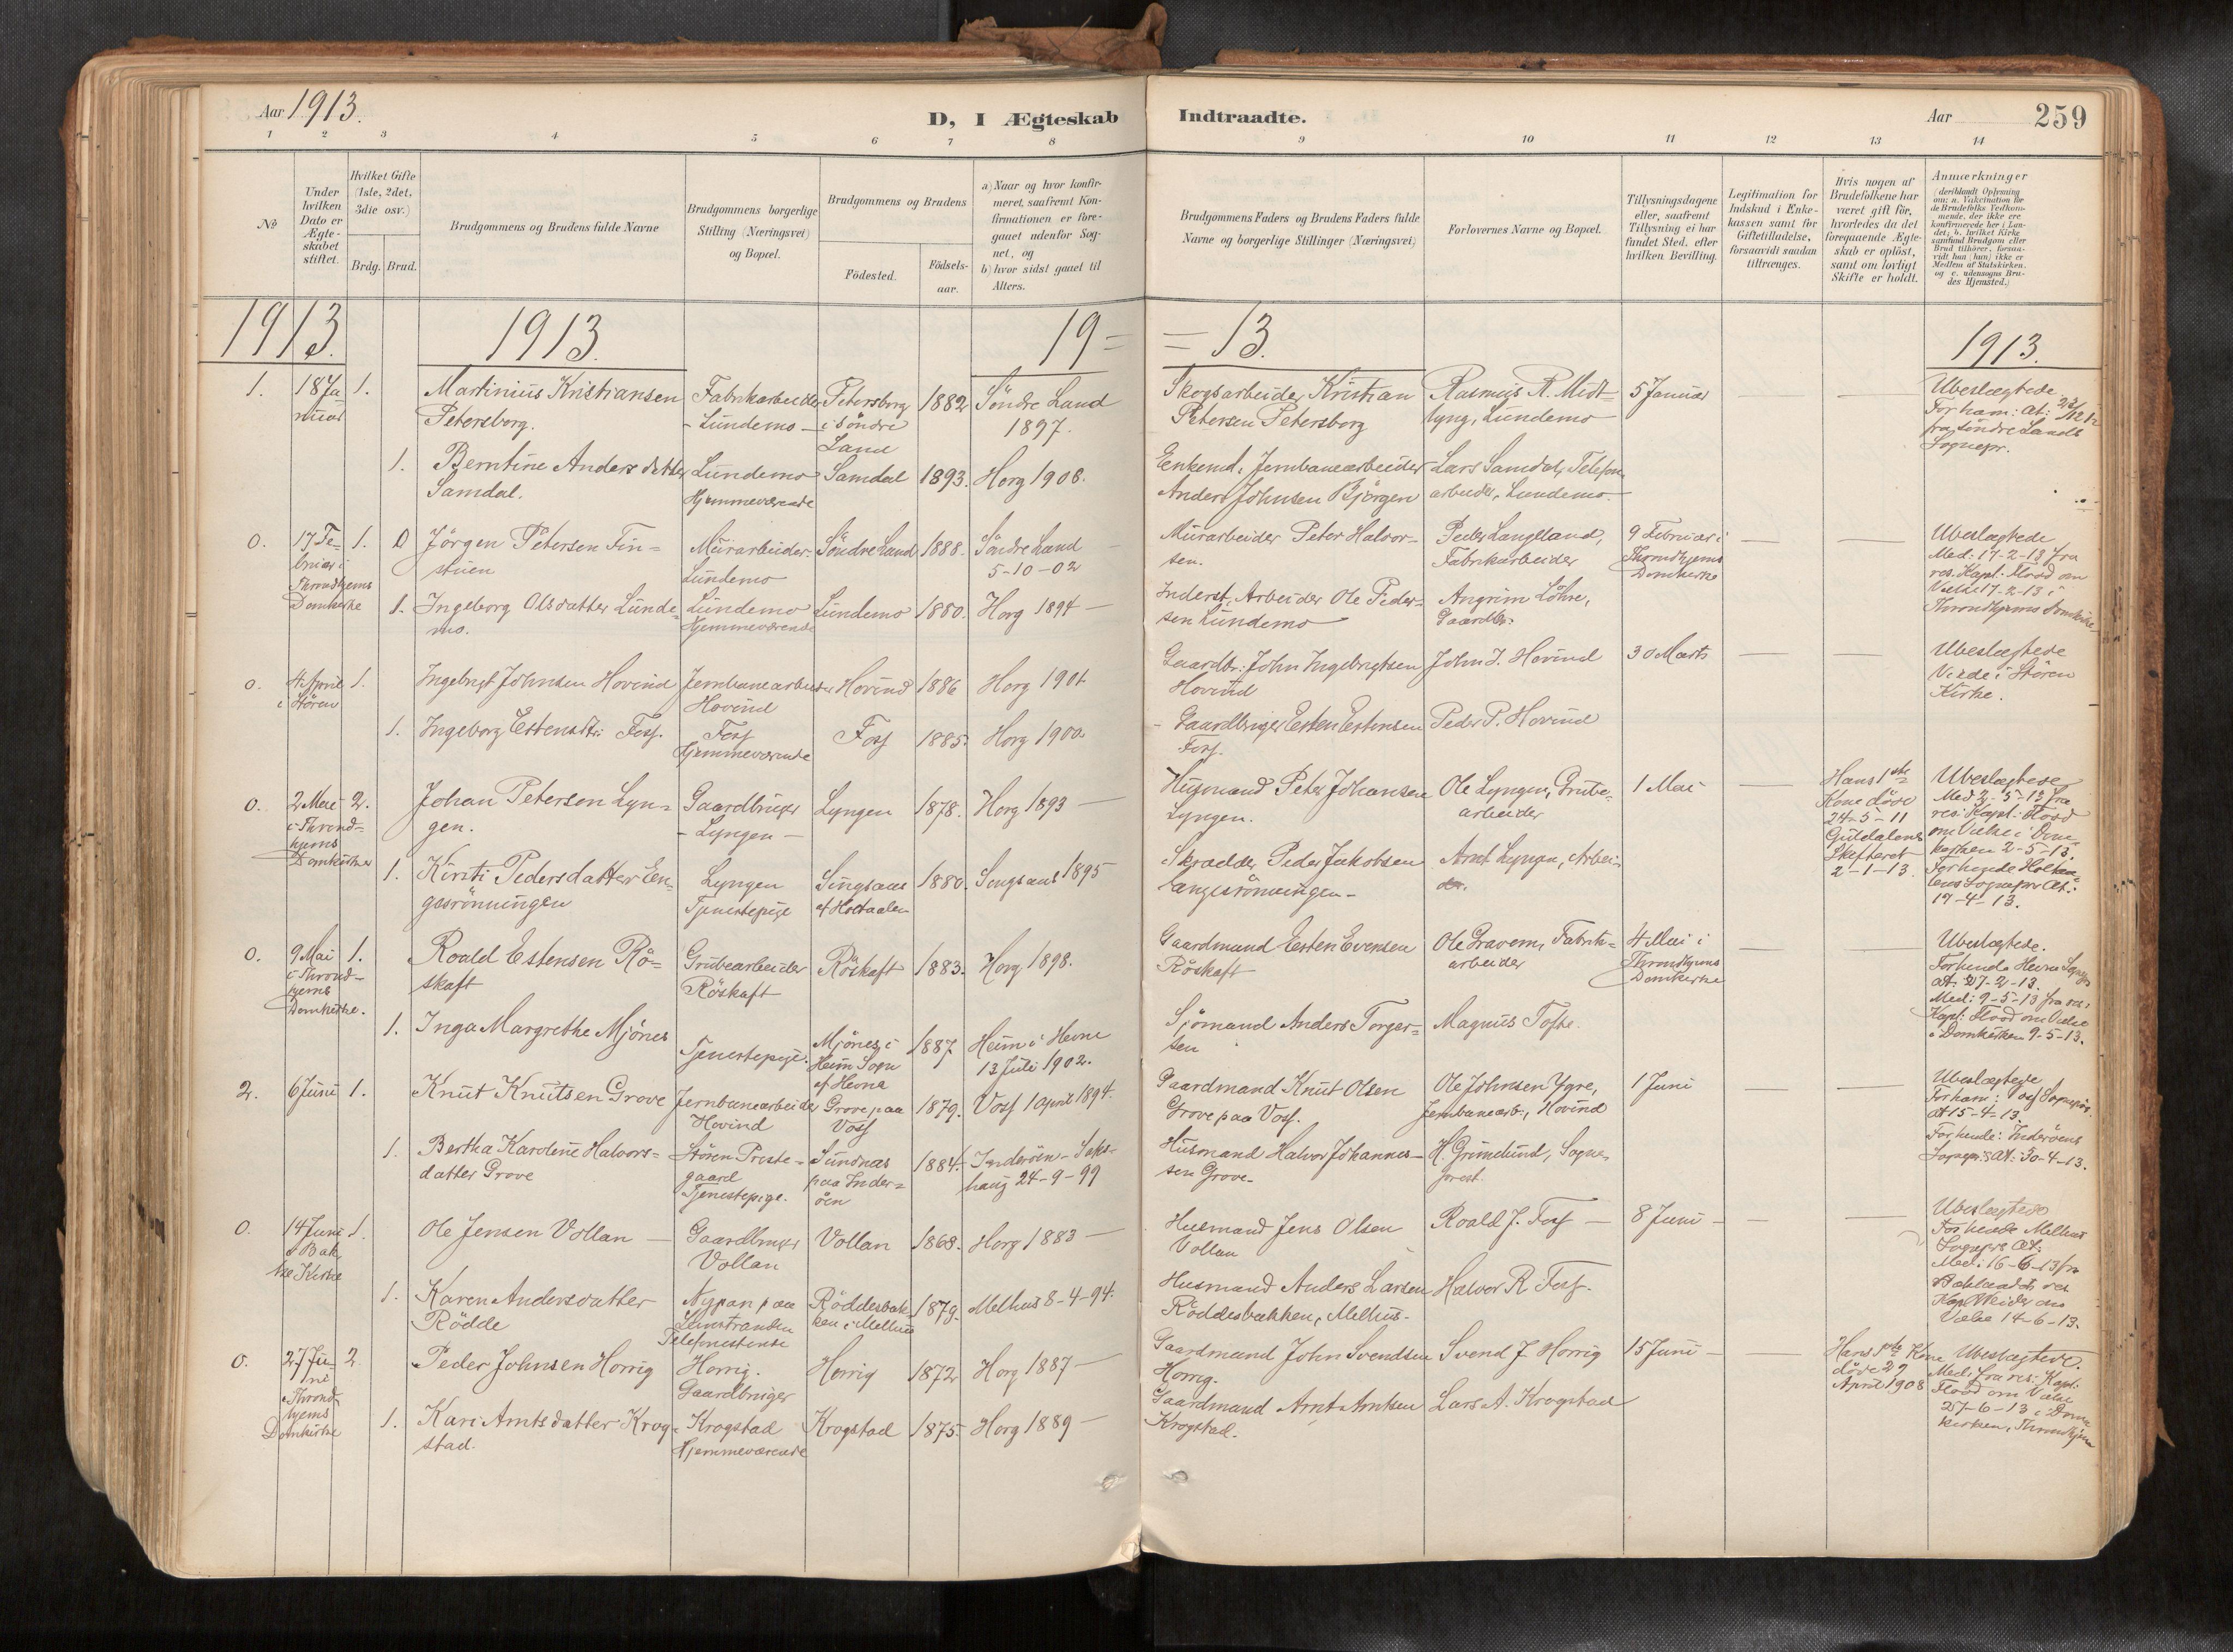 SAT, Ministerialprotokoller, klokkerbøker og fødselsregistre - Sør-Trøndelag, 692/L1105b: Ministerialbok nr. 692A06, 1891-1934, s. 259